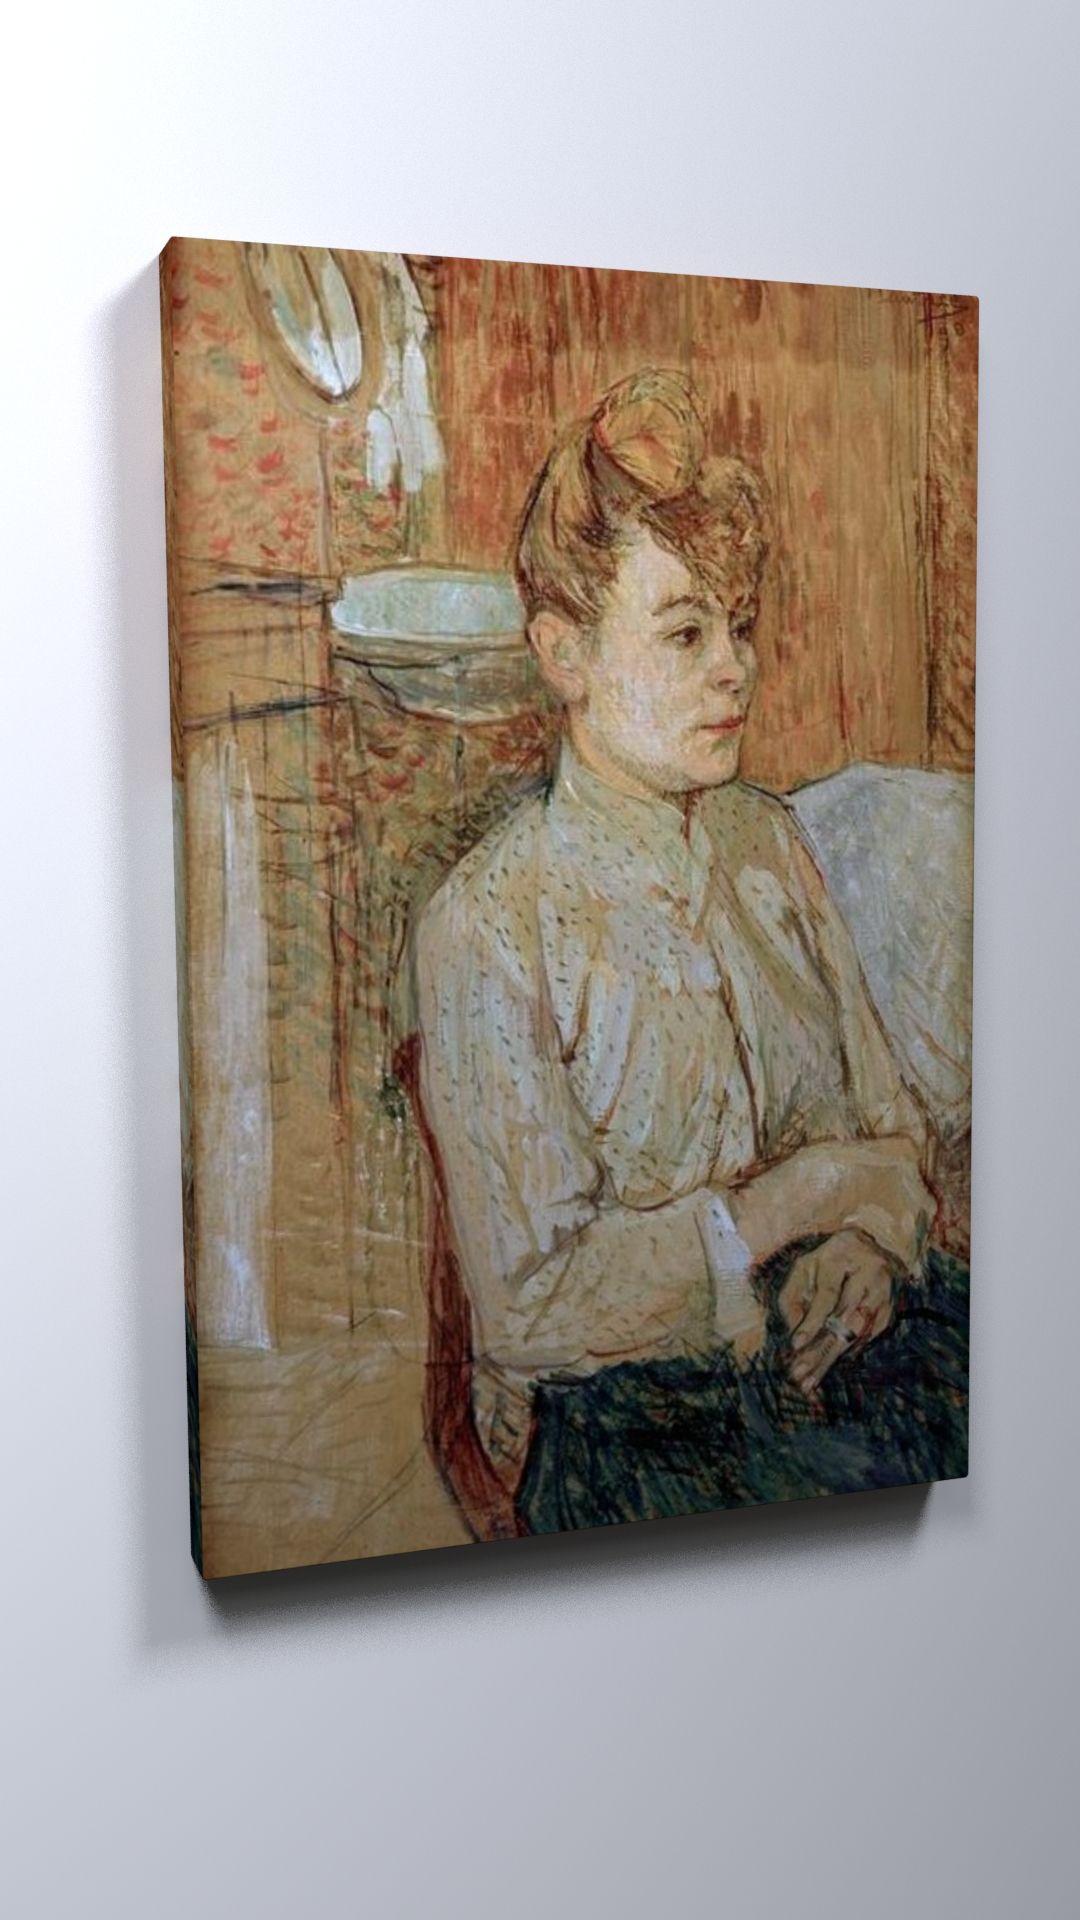 Henri De Toulouse-lautrec, Woman with Cigarette / 1890 #Henri #De #Toulouse-lautrec #weewado #Toulouse-Lautrec #of #woman